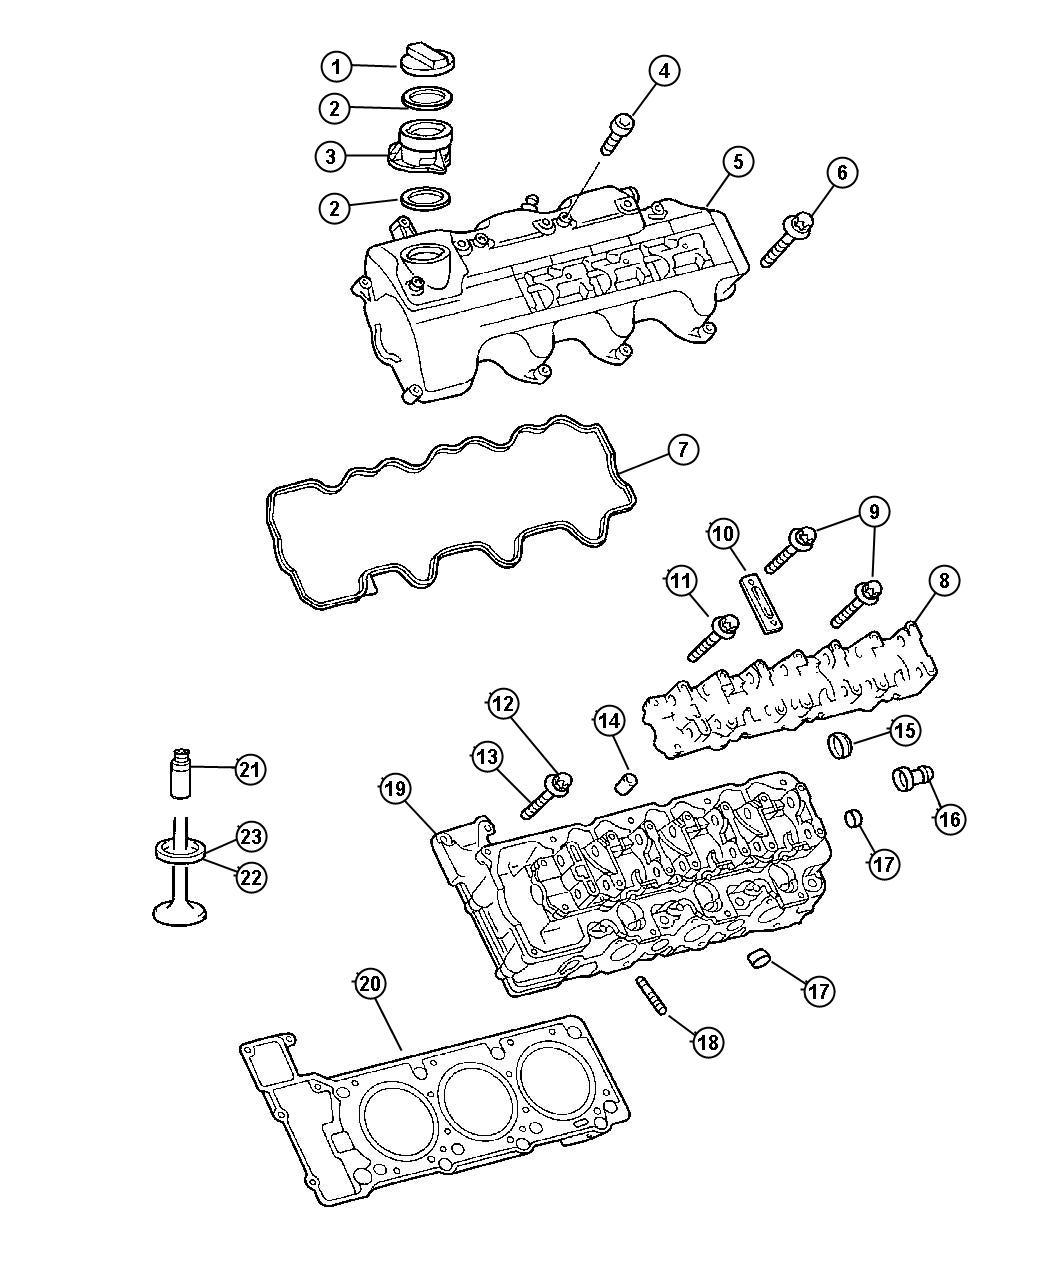 Chrysler Crossfire Gasket  Seal  Oil Fill Cap  Oil Filler